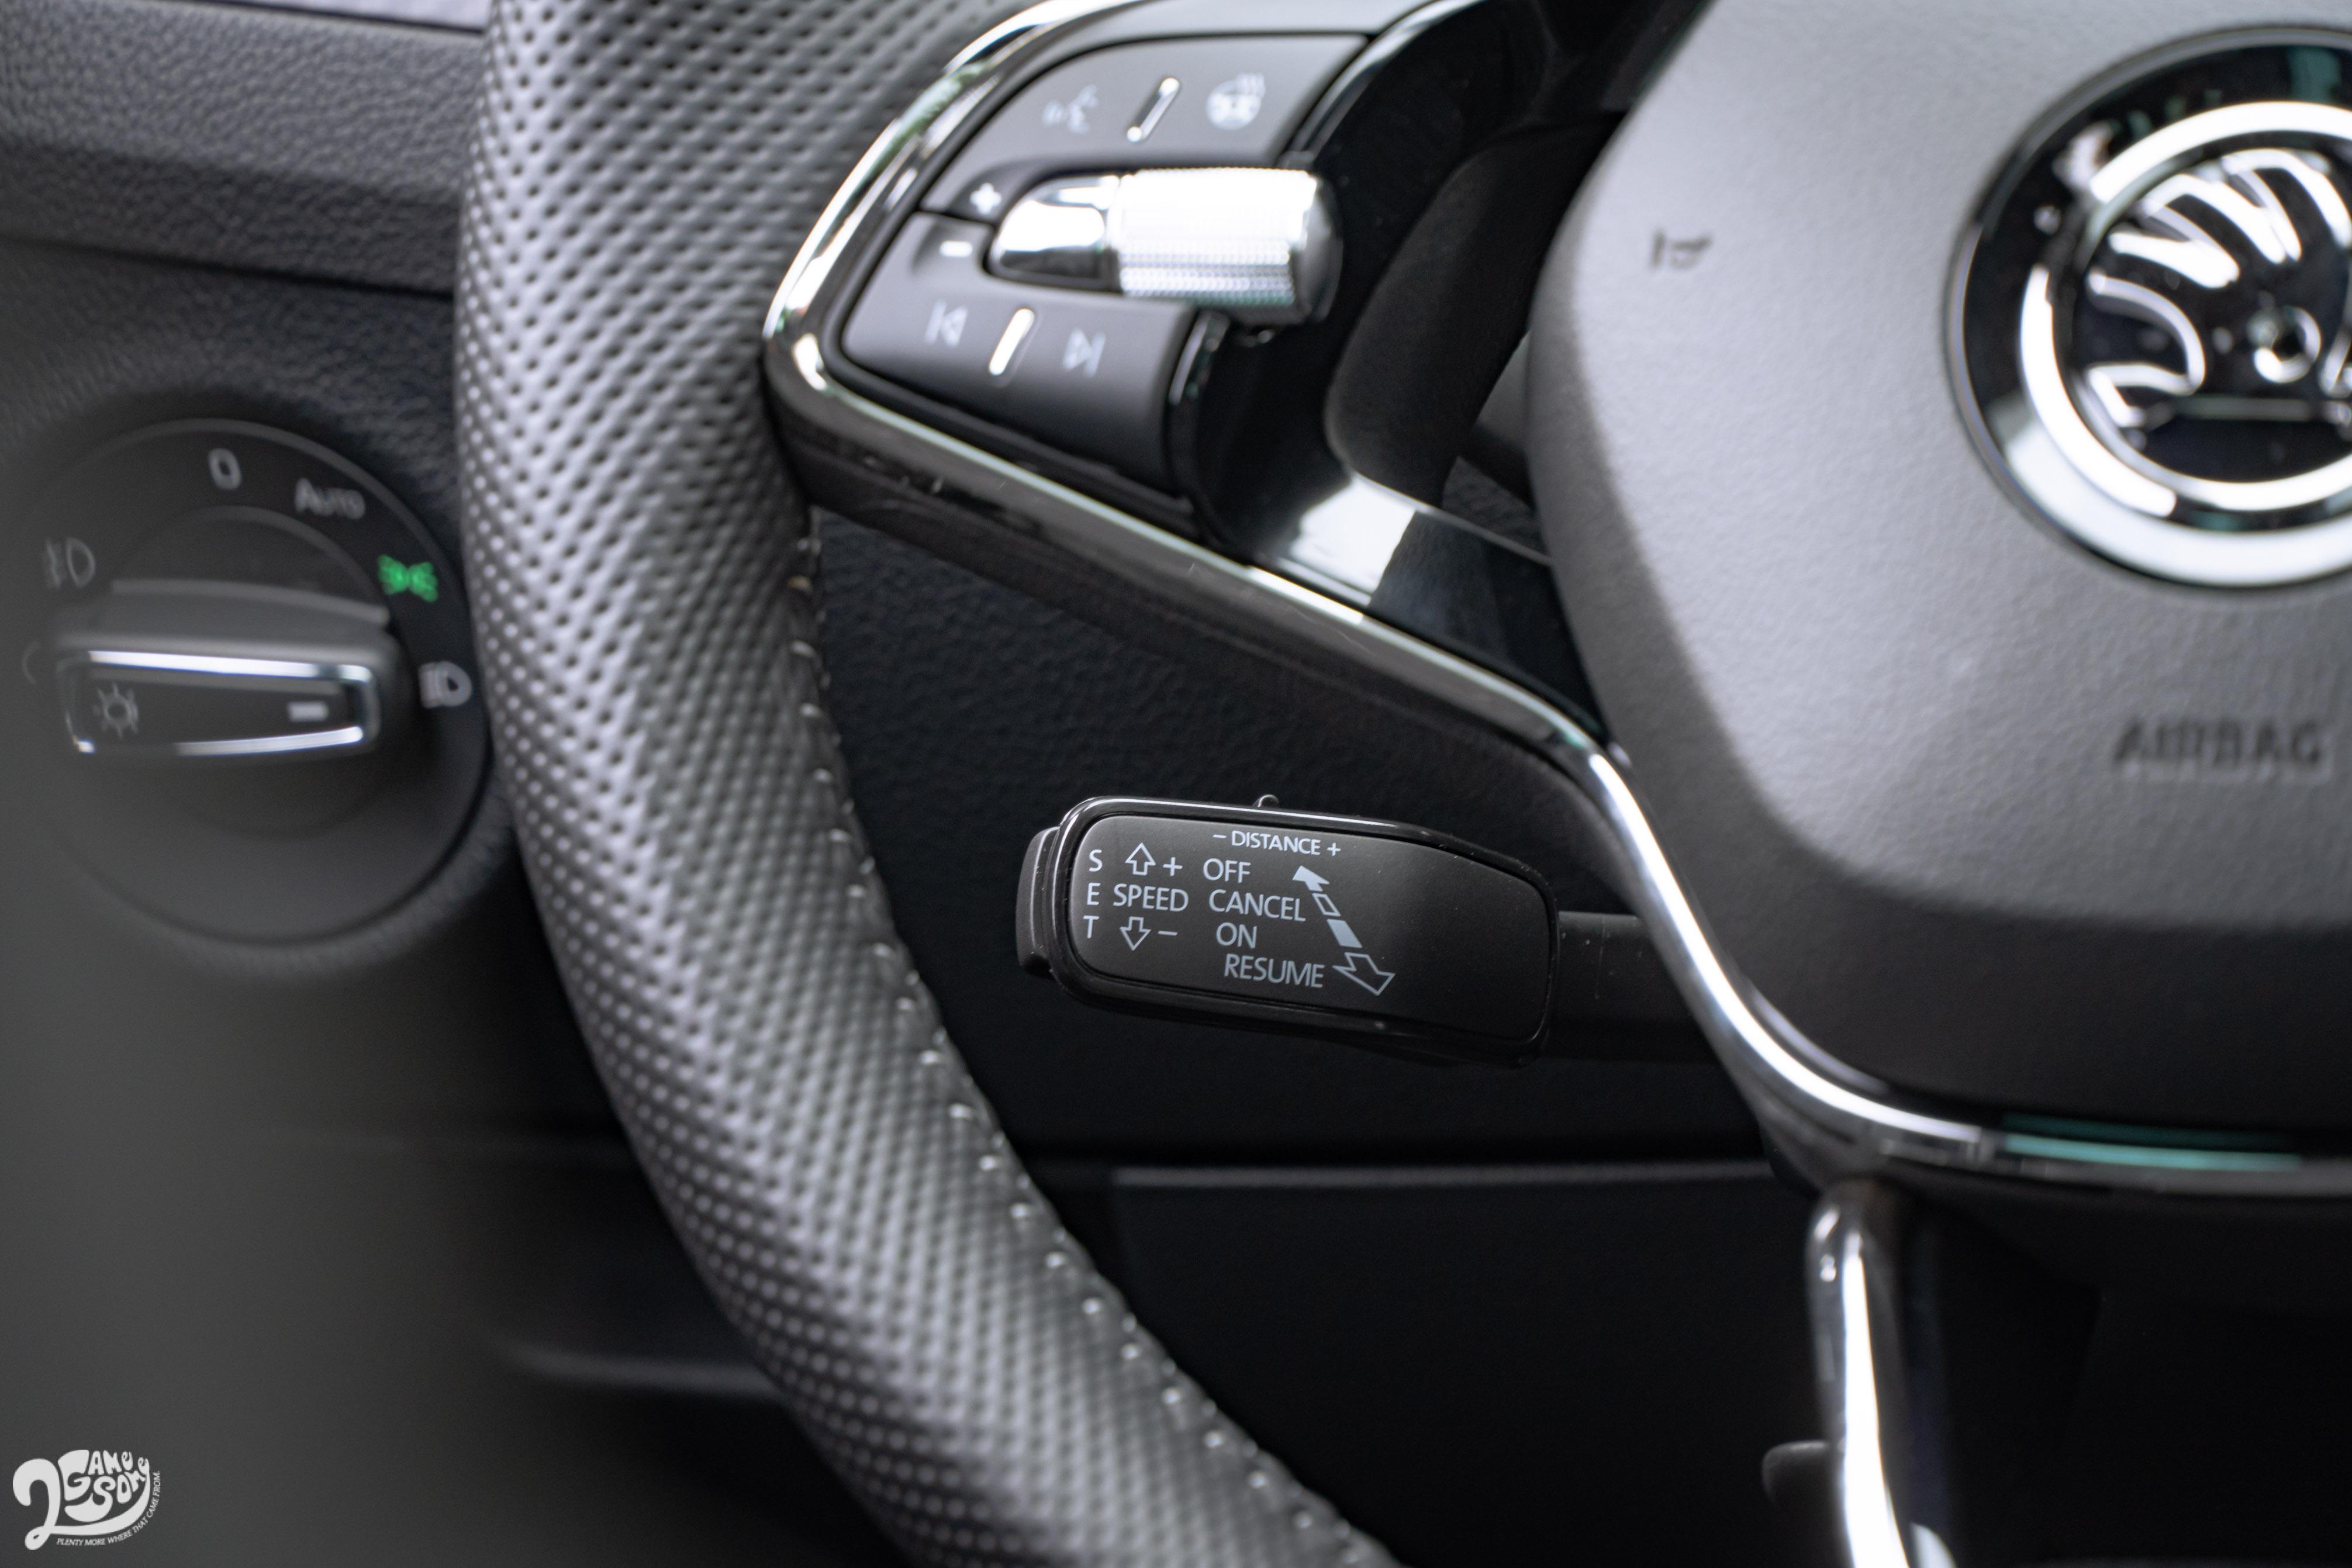 包含 ACC、車道偏離警示、含緊急輔助煞車的 Front Assist 前方輔助、盲點警示、後方來車警示等系統全面標配,Sportline 以上還有倒車顯影系統。